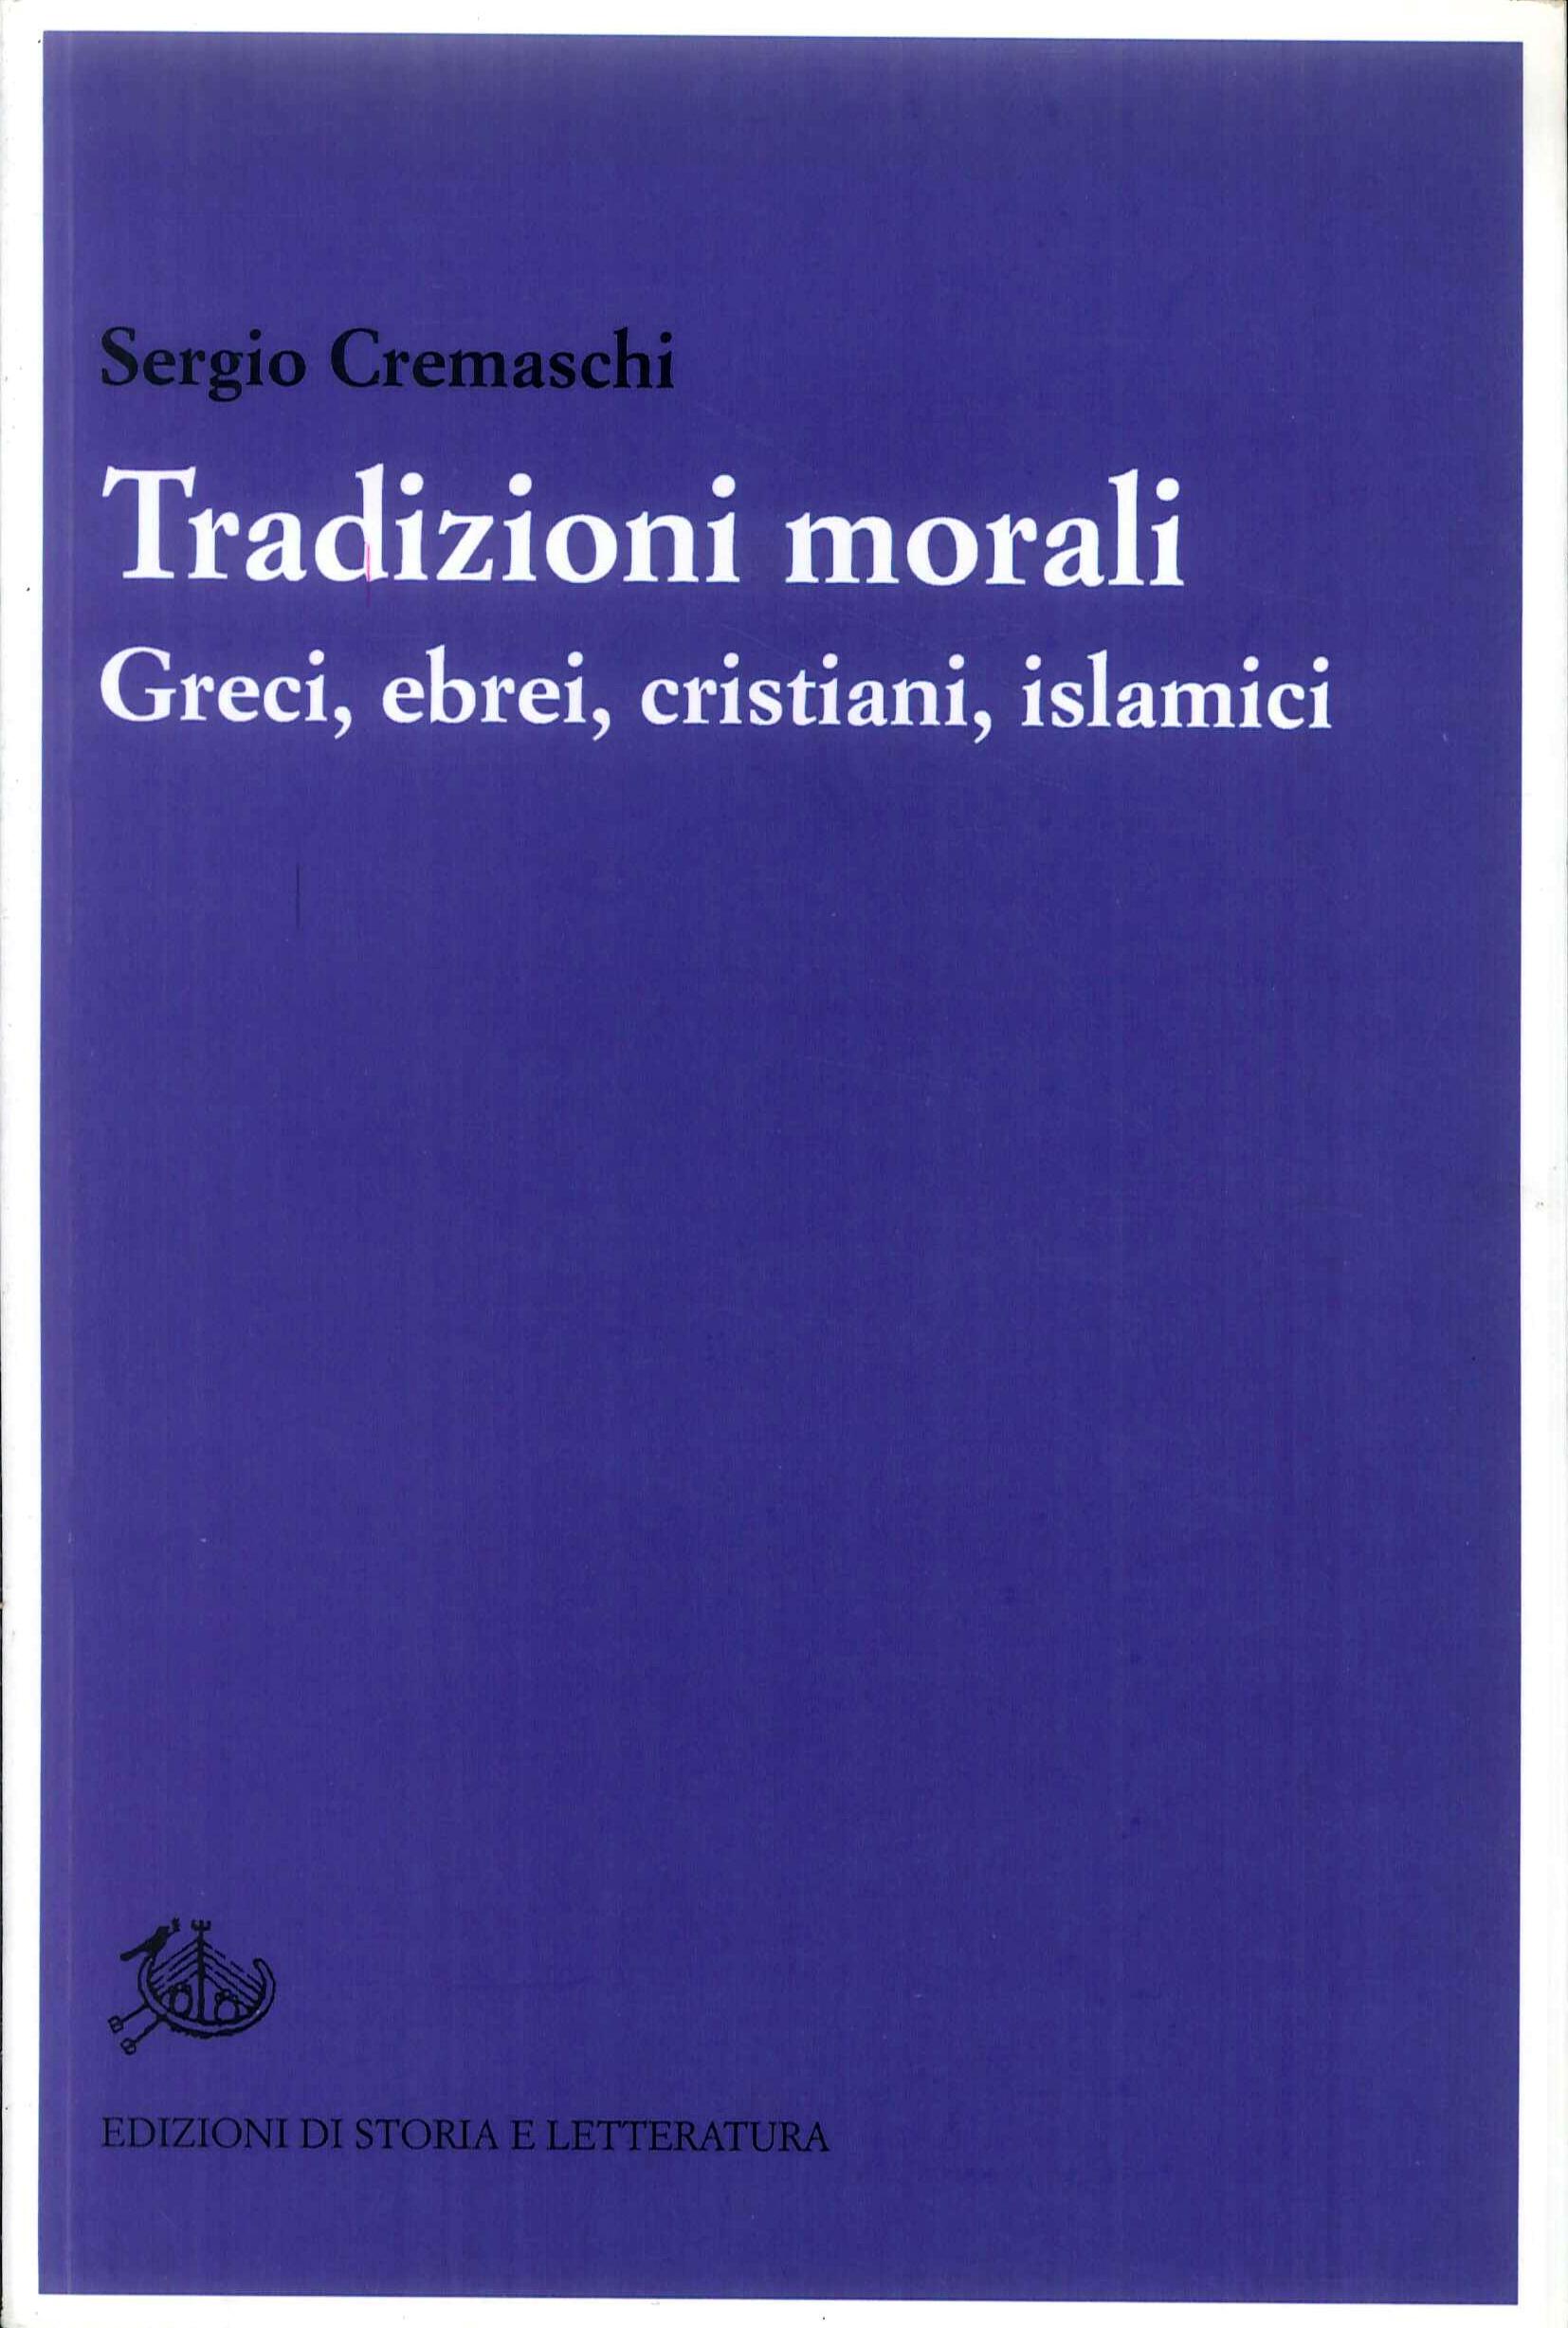 Tradizioni morali. Greci, ebrei, cristiani, islamici.